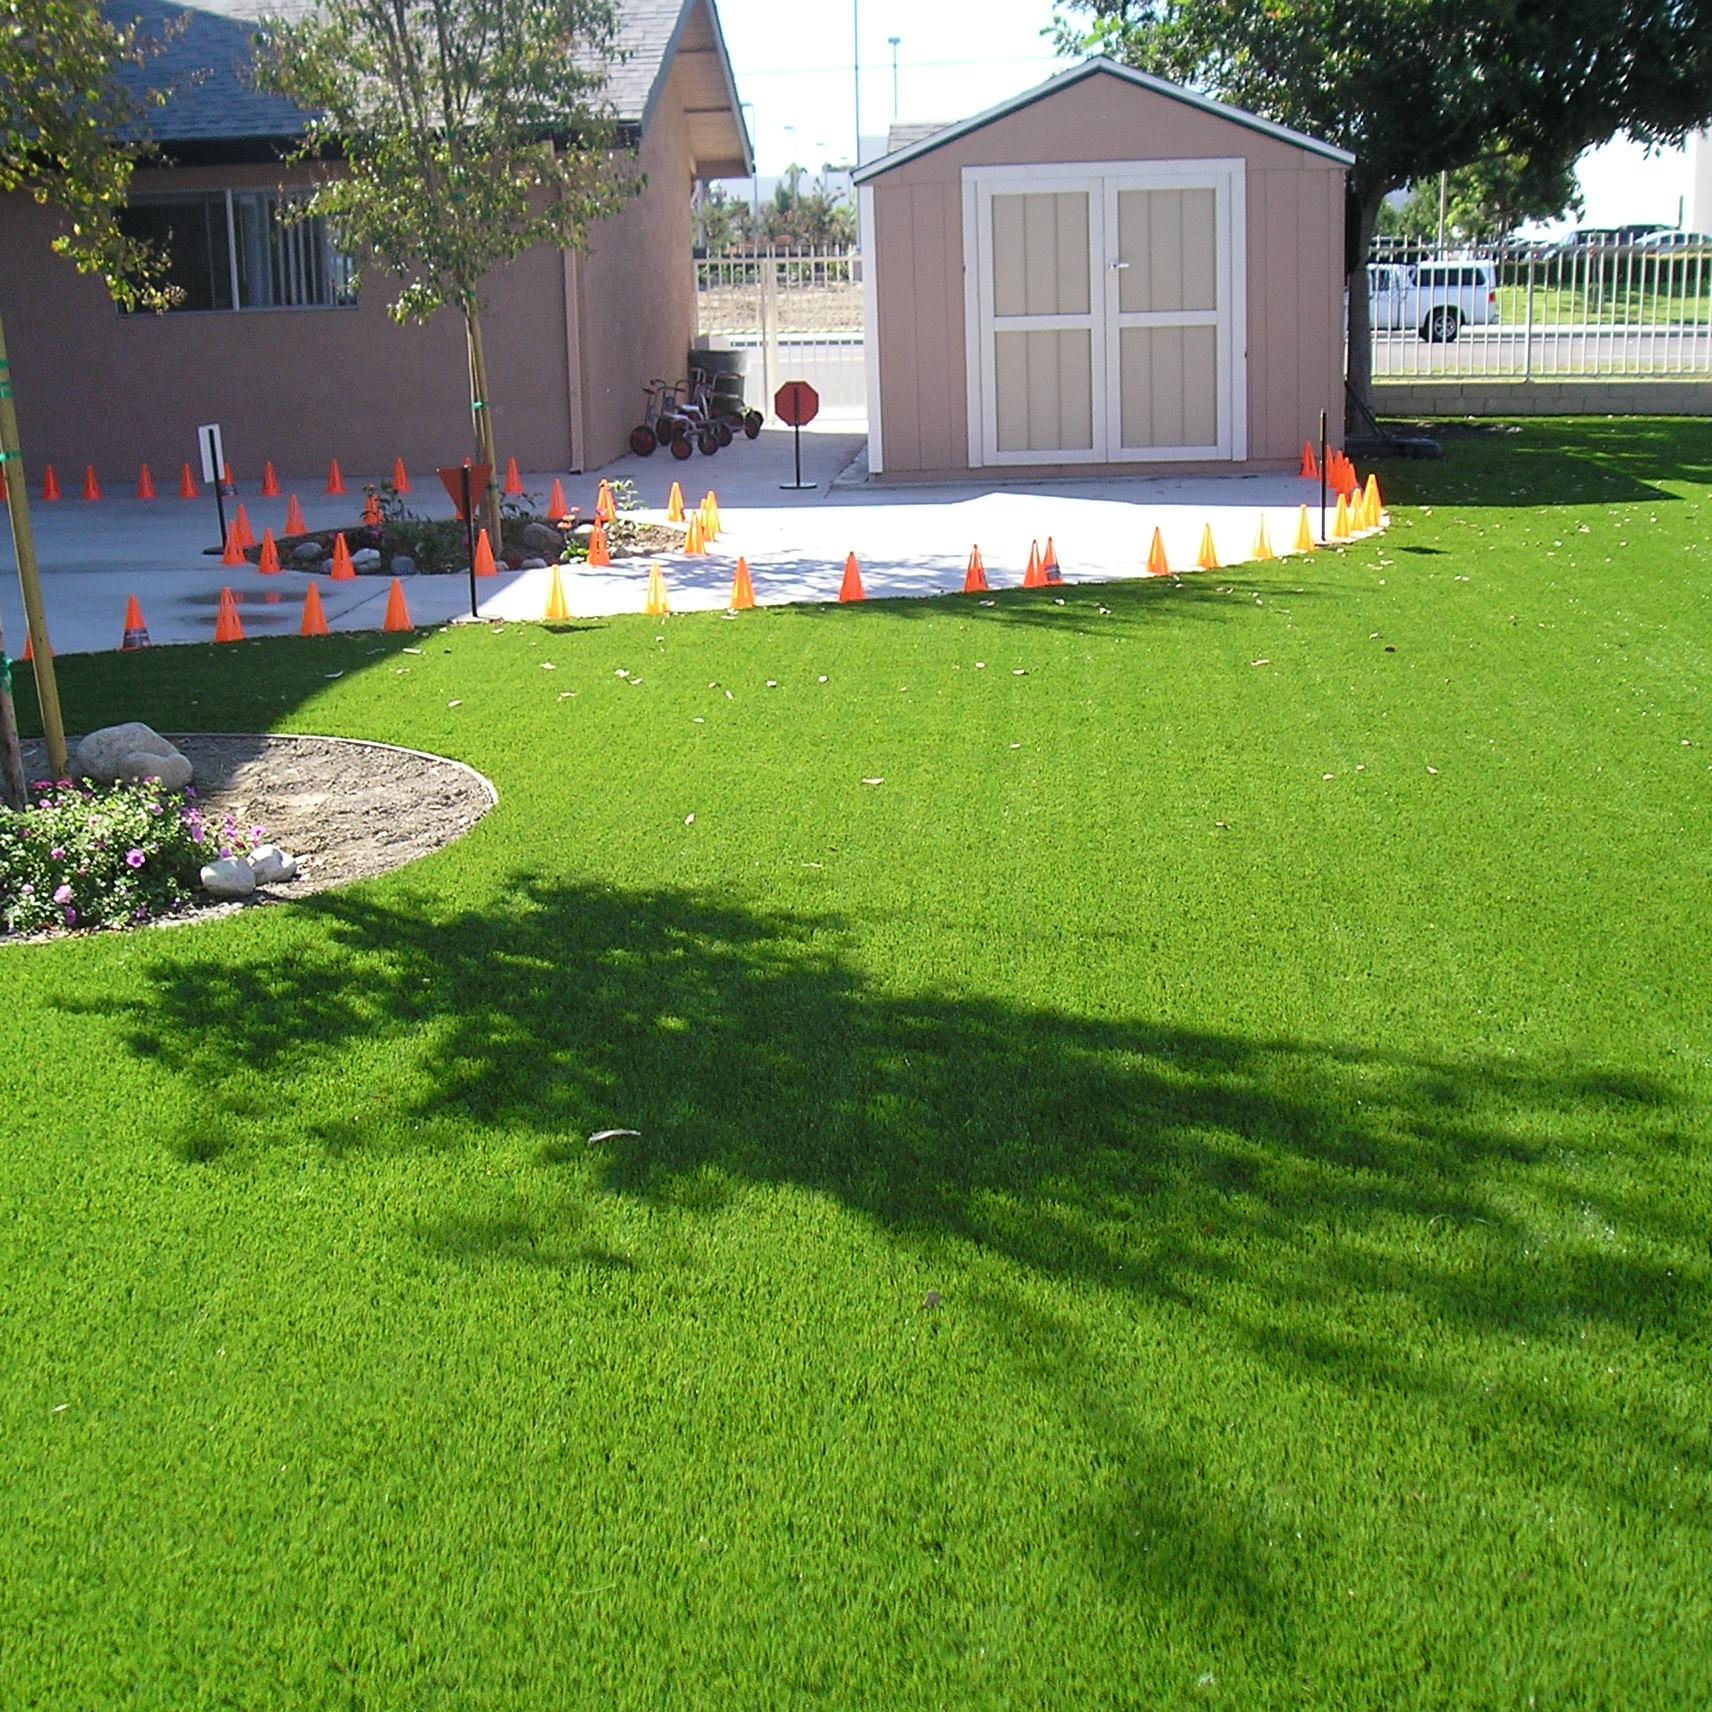 S Blade-90 fake green grass,green grass carpet,artificial grass,fake grass,synthetic grass,grass carpet,artificial grass rug